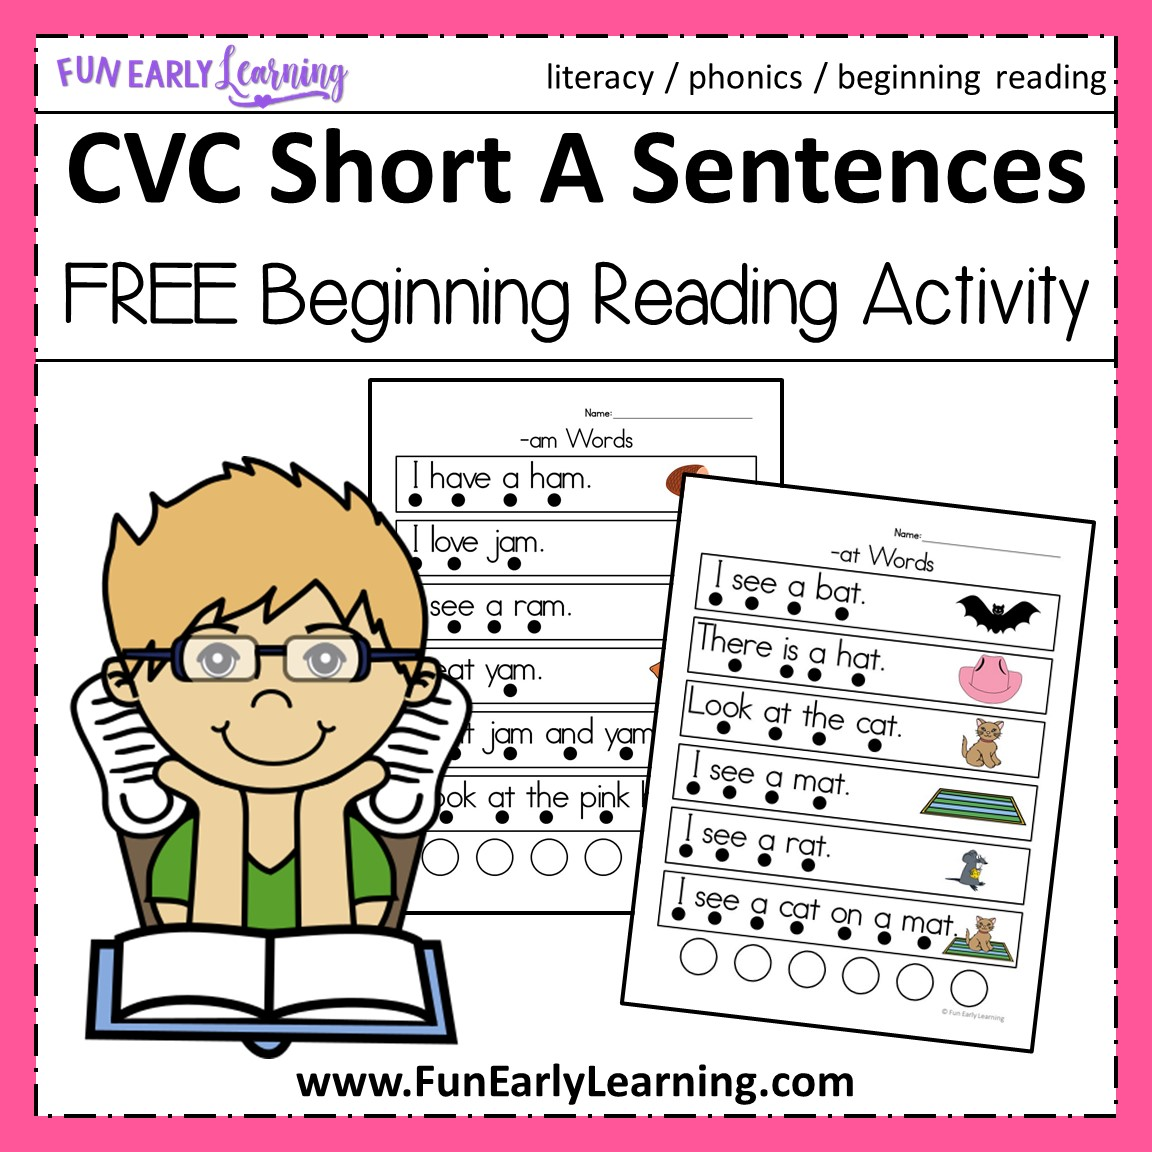 Cvc Short A Sentences